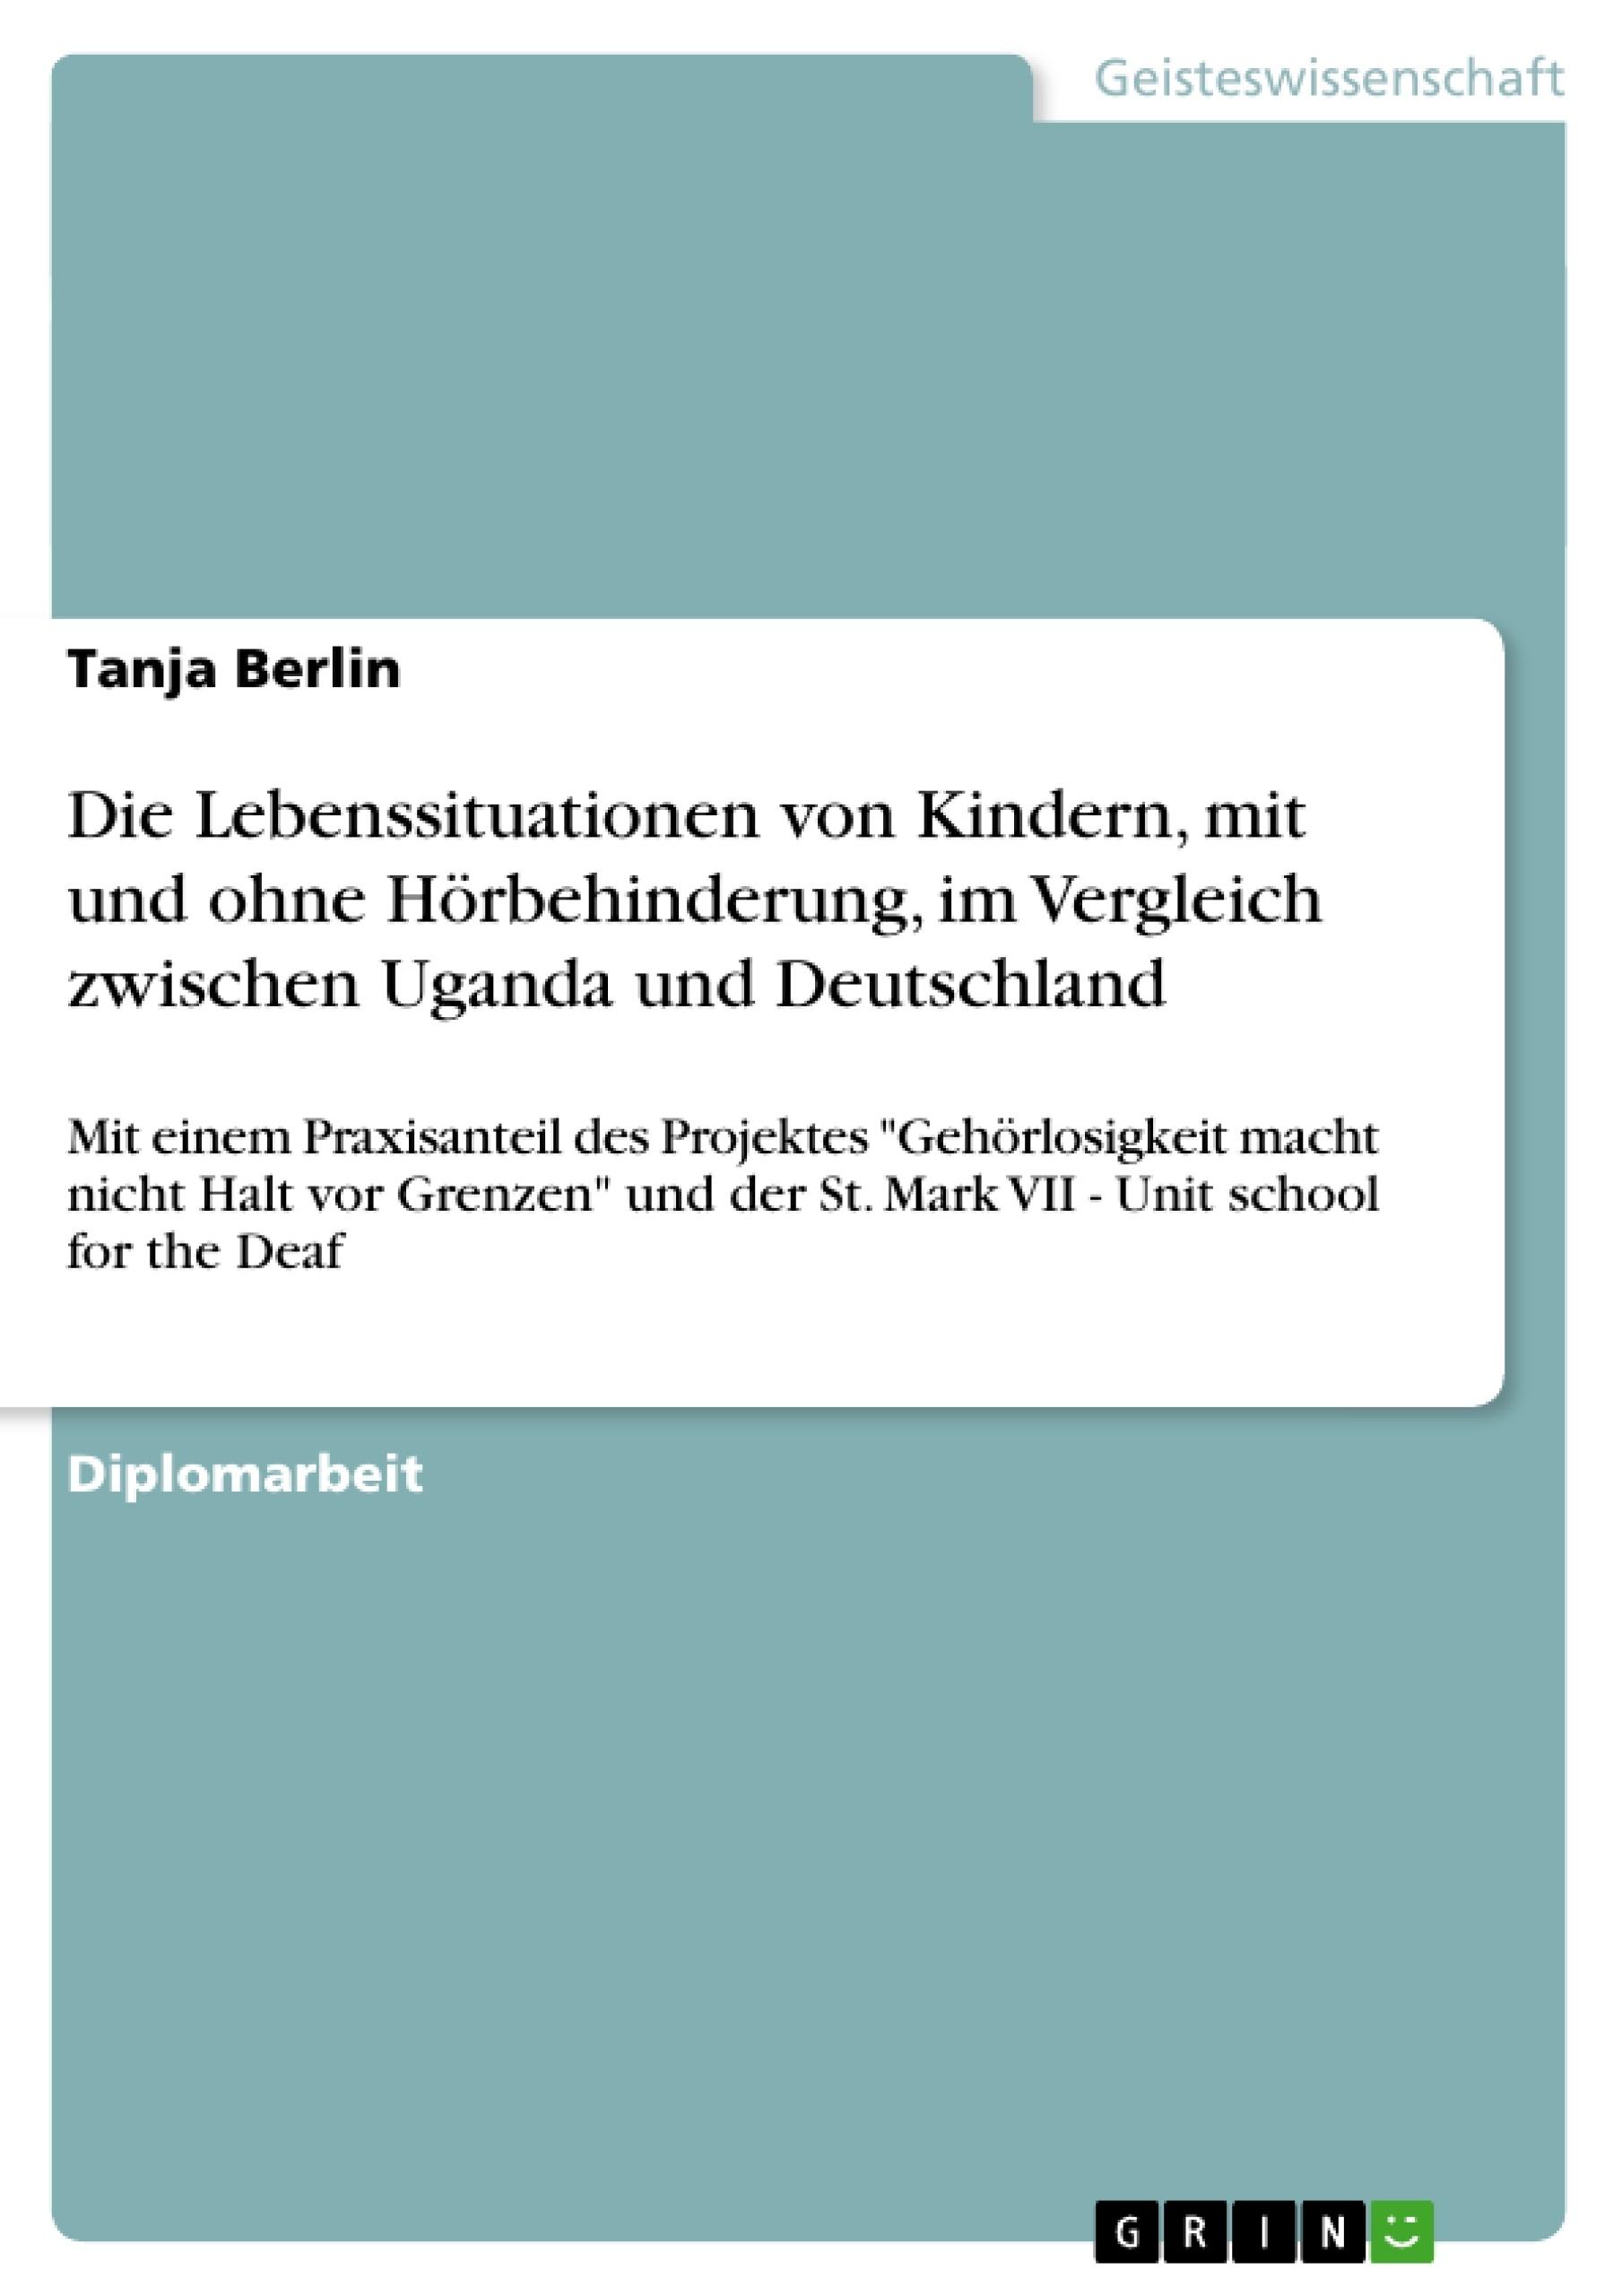 Titel: Die Lebenssituationen von Kindern, mit und ohne Hörbehinderung, im Vergleich zwischen Uganda und Deutschland